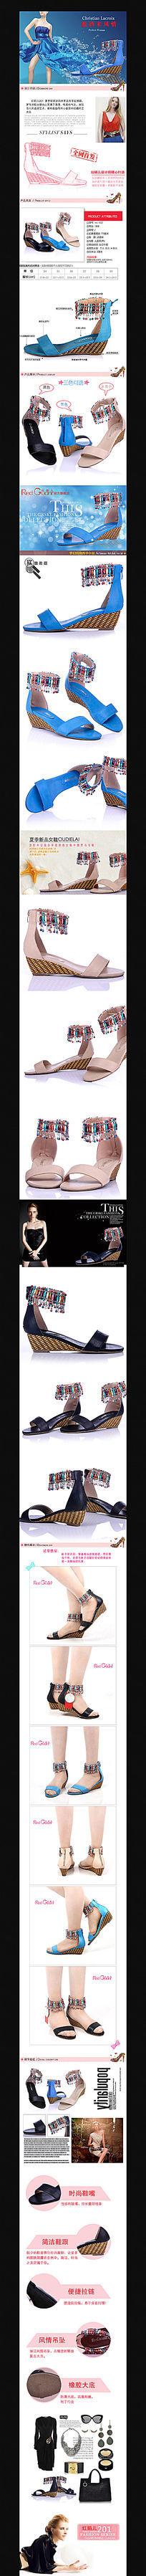 淘宝夏季新品女鞋详情页描述PSD模板